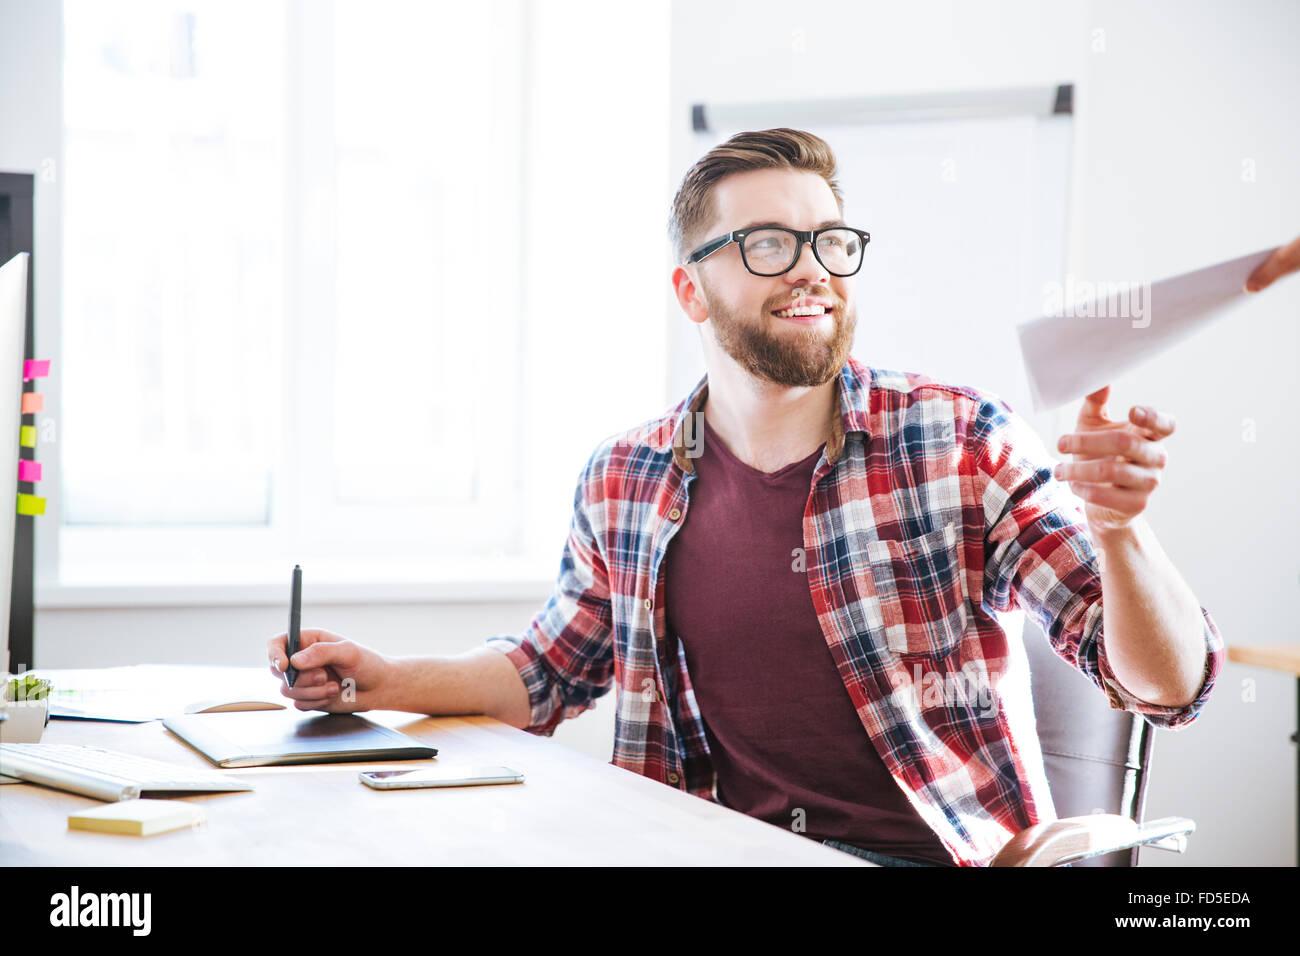 Happy gut aussehend bärtigen Designer verwenden grafische Grafiktablett mit Stift und empfangen von Blaupausen Stockbild